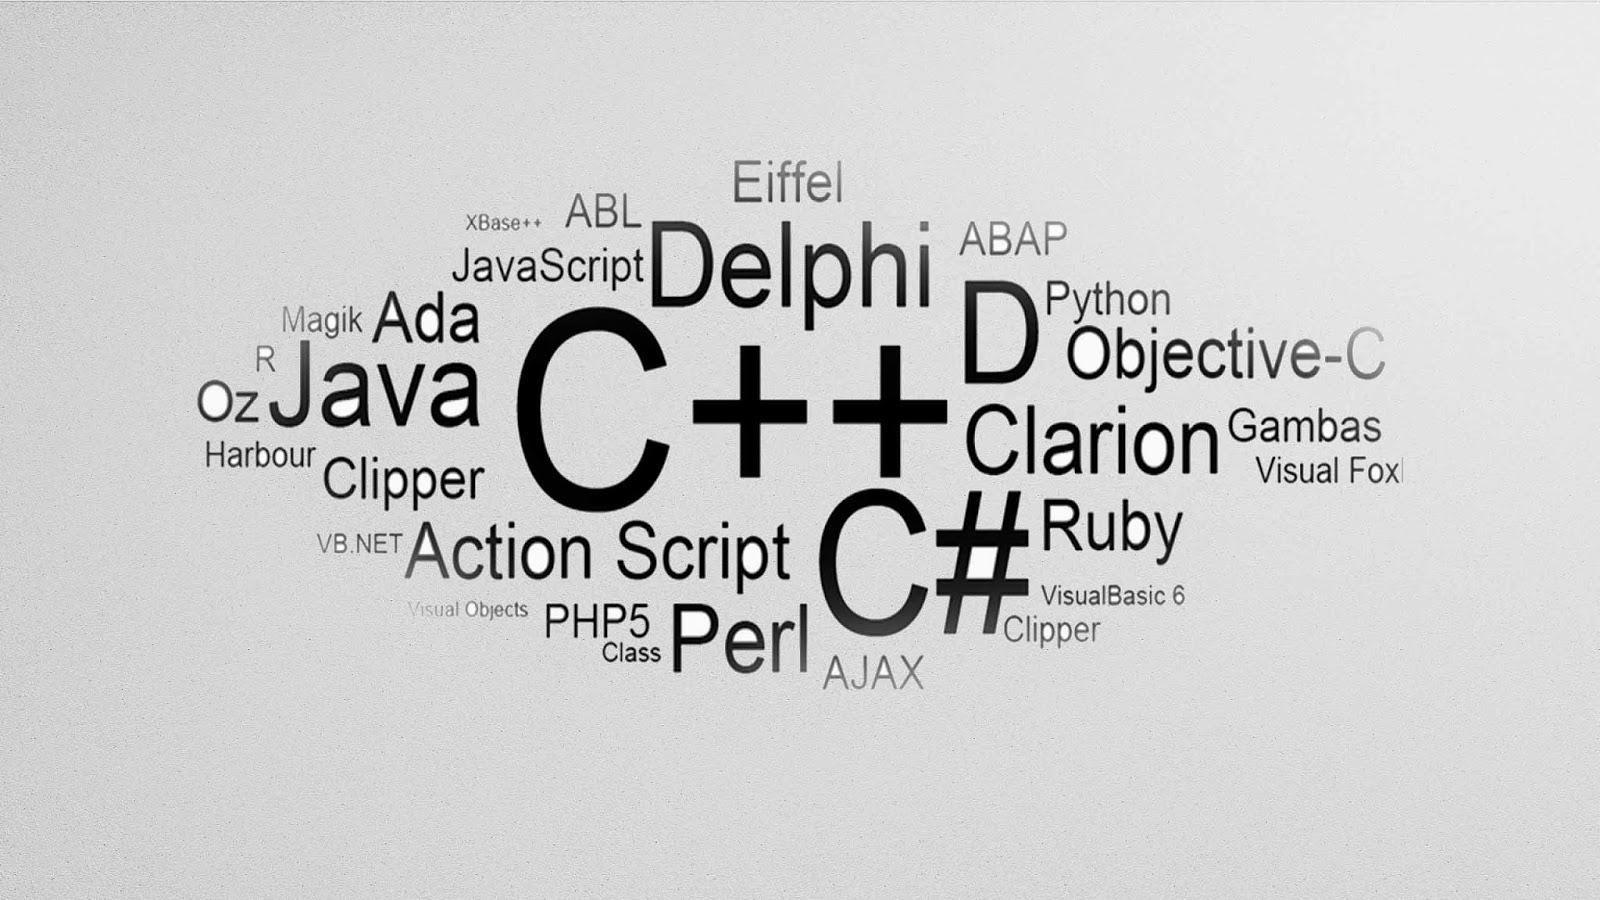 ما هى افضل لغة برمجة